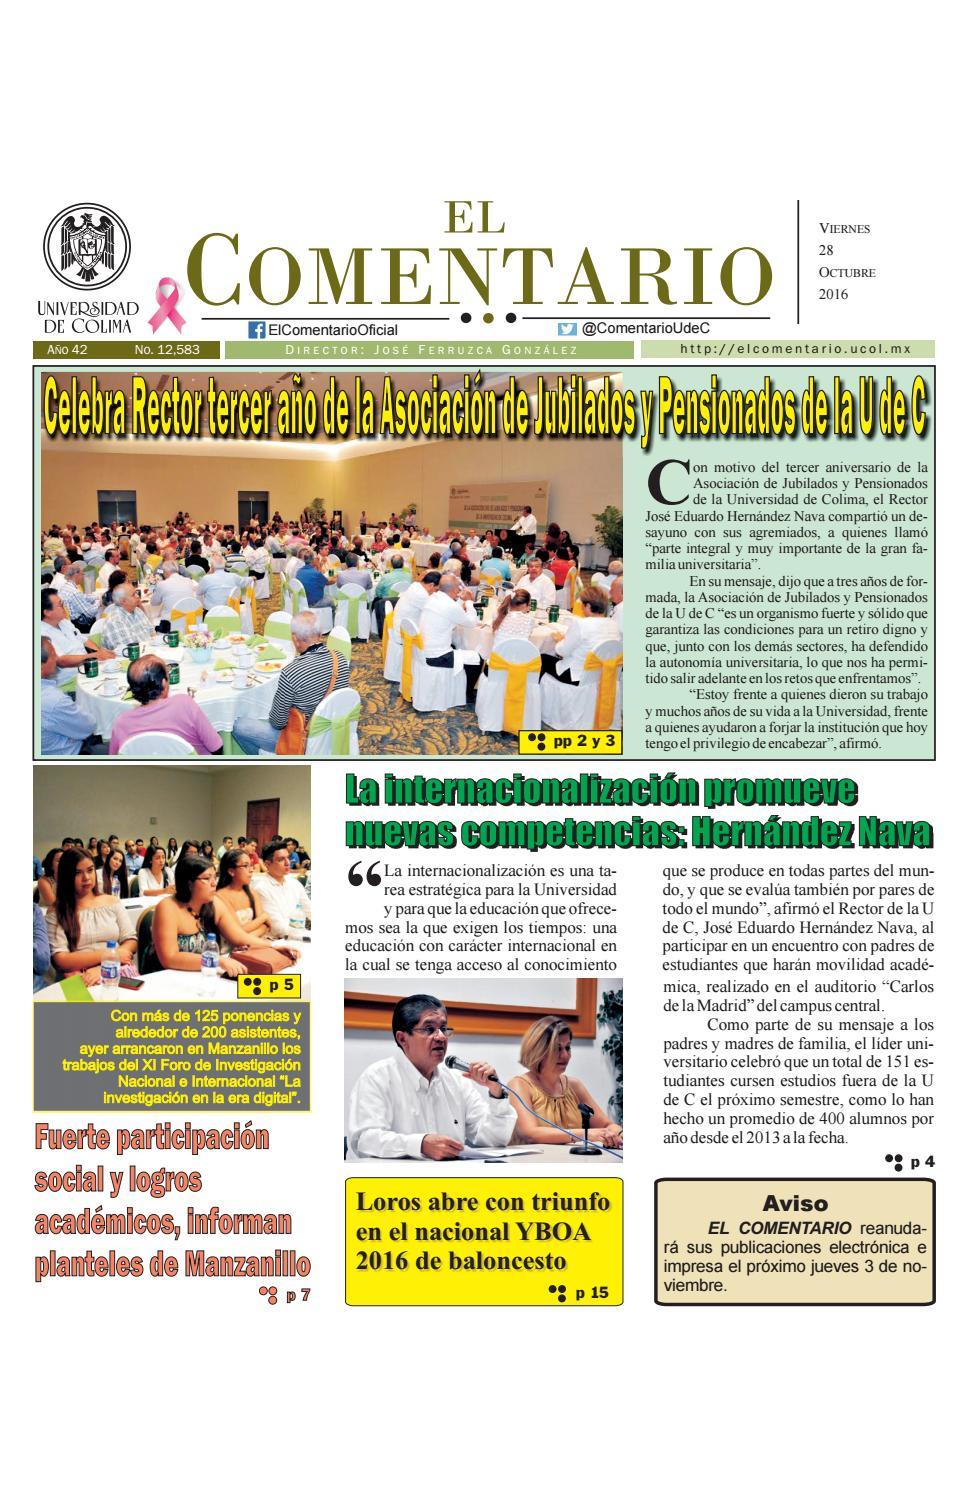 Edición del viernes 28 de octubre de 2016 by Pepe Ferruzca - issuu